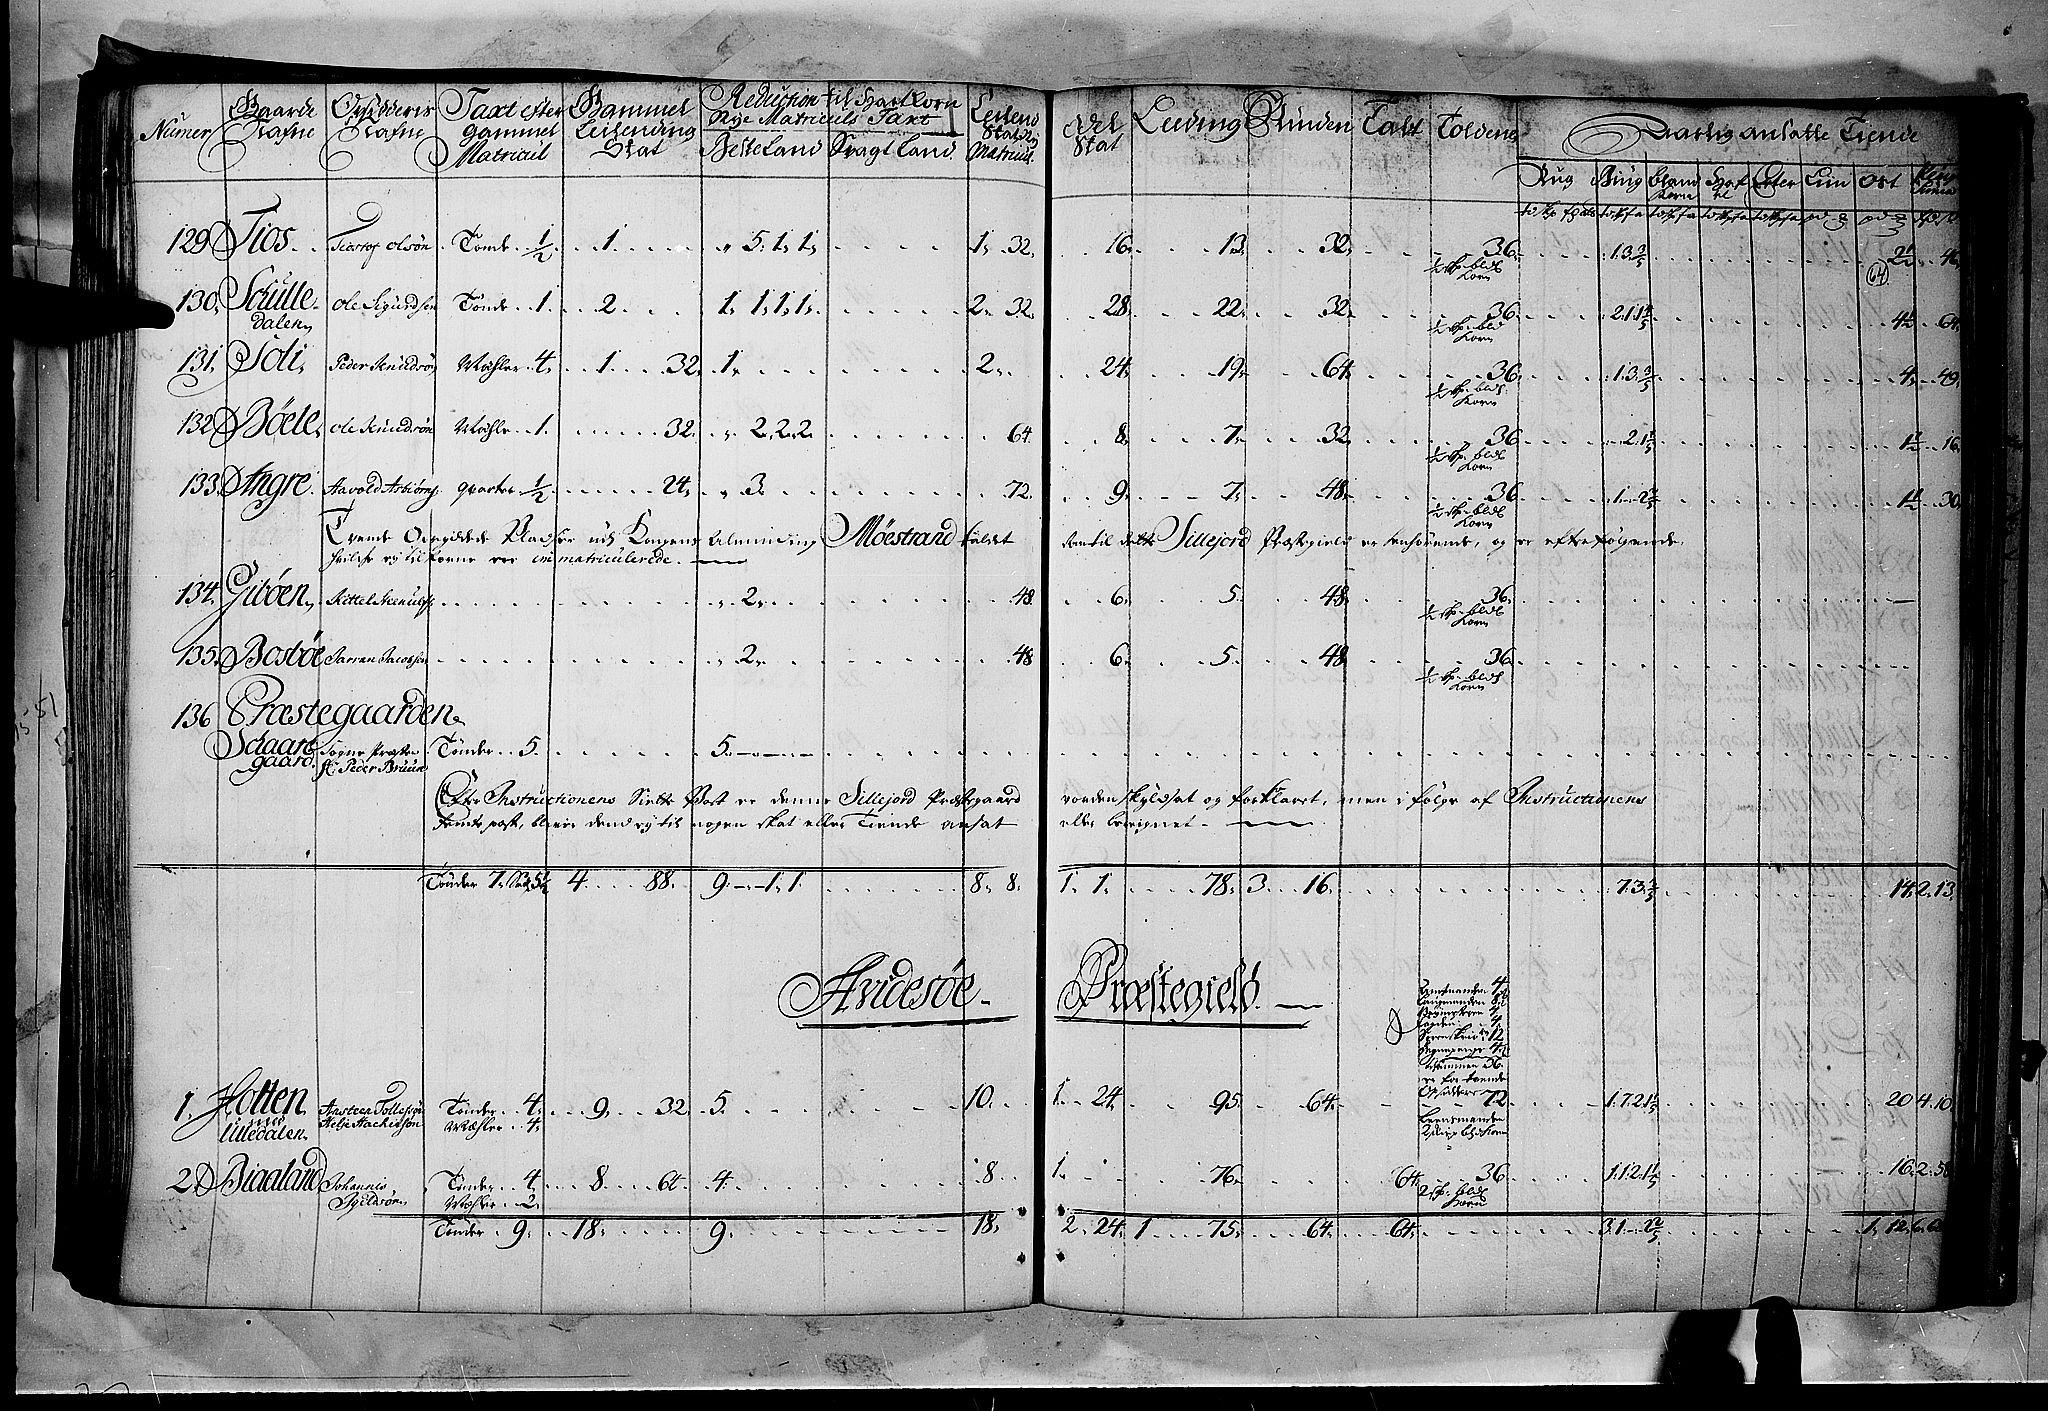 RA, Rentekammeret inntil 1814, Realistisk ordnet avdeling, N/Nb/Nbf/L0122: Øvre og Nedre Telemark matrikkelprotokoll, 1723, s. 63b-64a